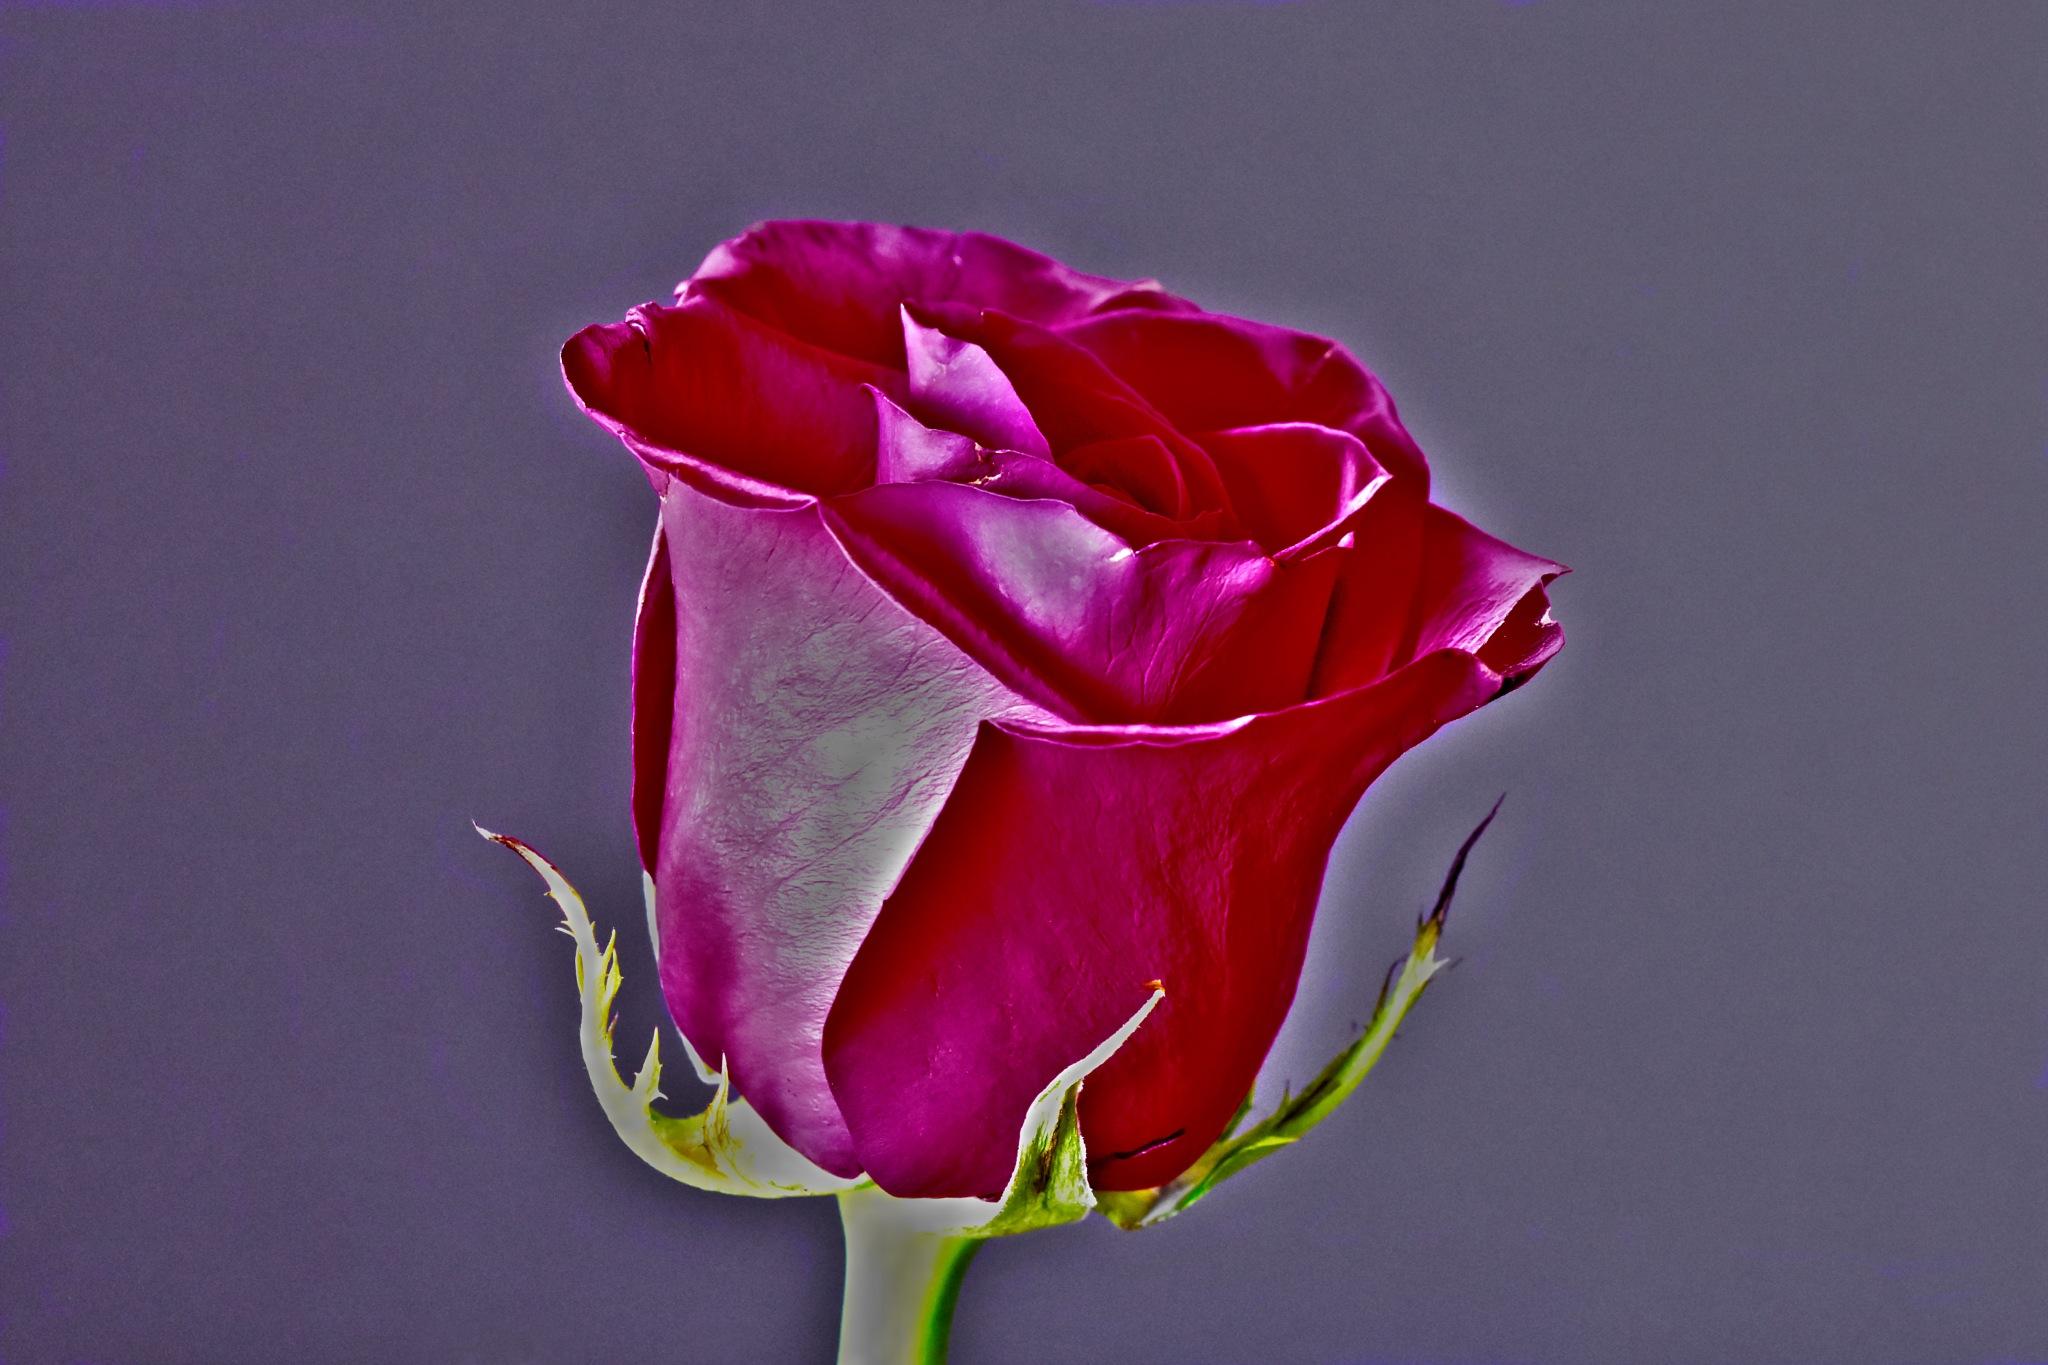 Rose by gregbahder